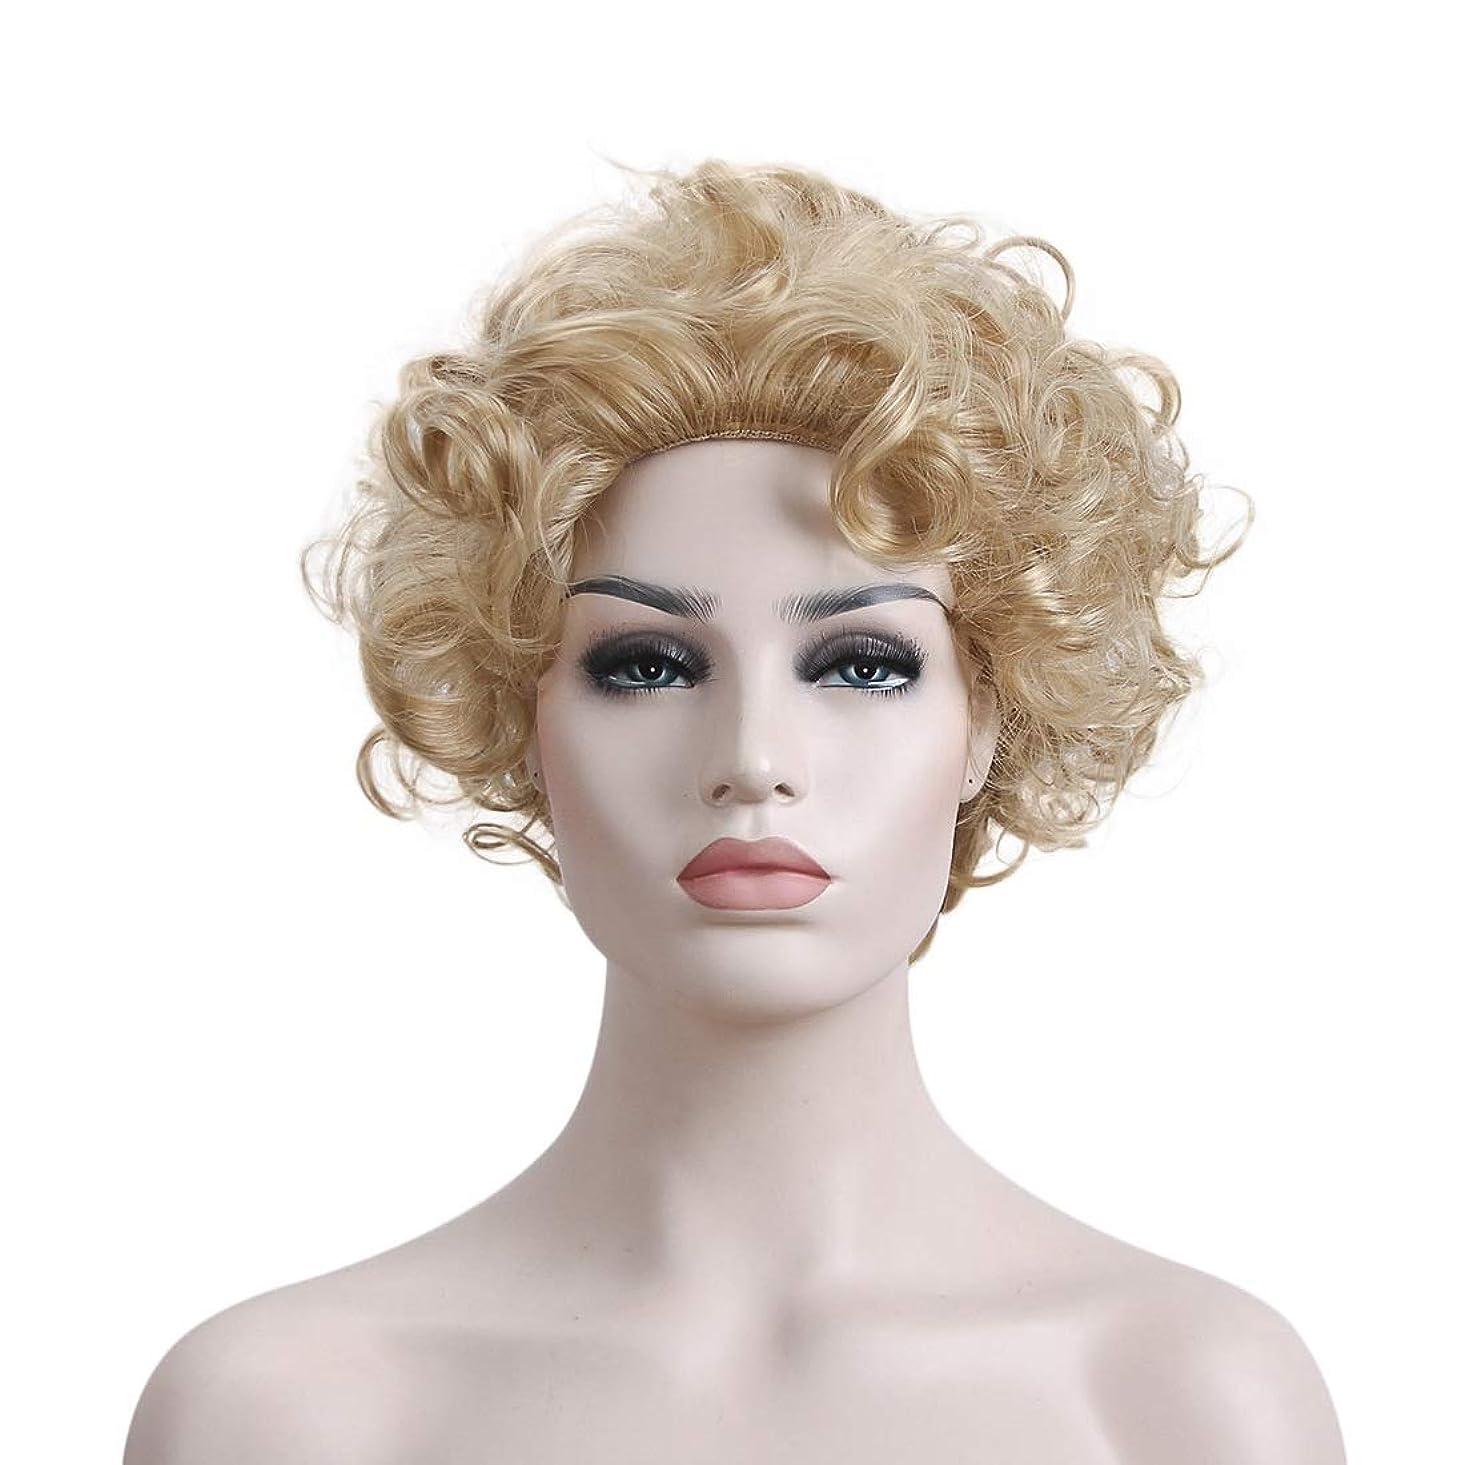 落ち着くアブセイ魅力的であることへのアピールYOUQIU 10インチホワイト女性金髪ボブウィッグ自然な熱のためのショートカーリーウィッグ性合成ファッションかつらウィッグ (色 : ゴールド, サイズ : 10